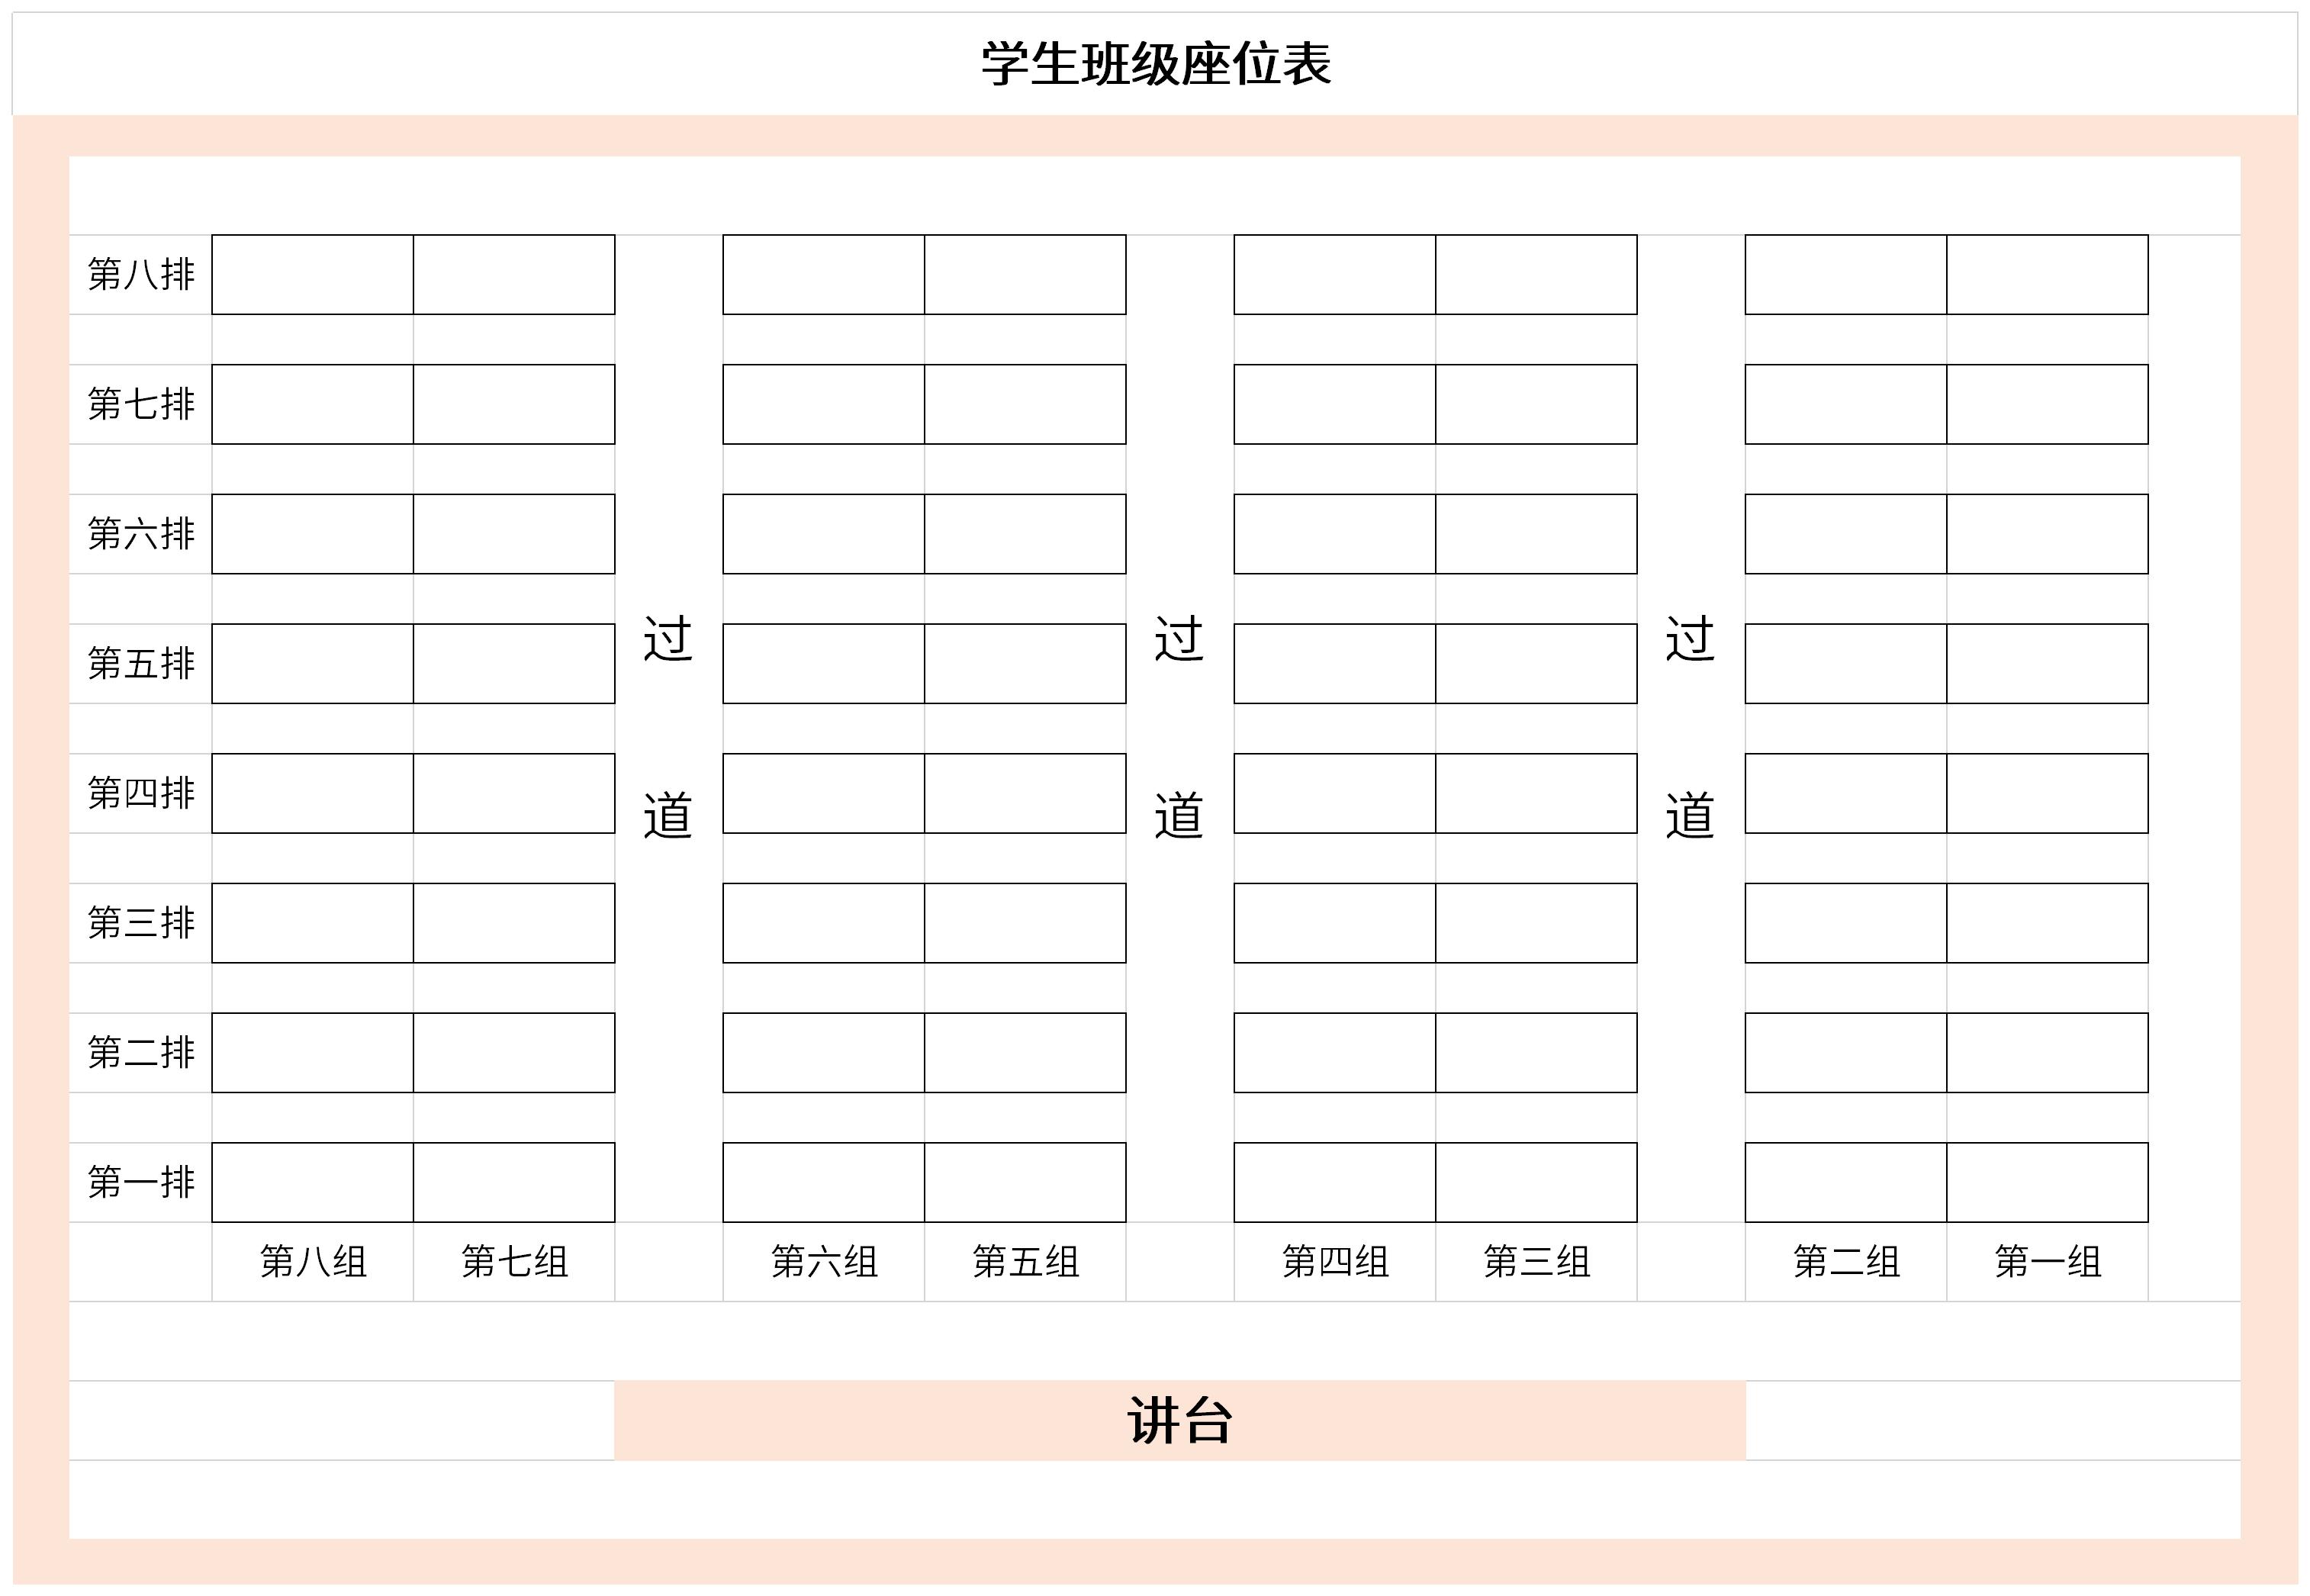 学生座位表格式_学生班级座位表免费下载-学生班级座位表Excel模板下载-华军软件园